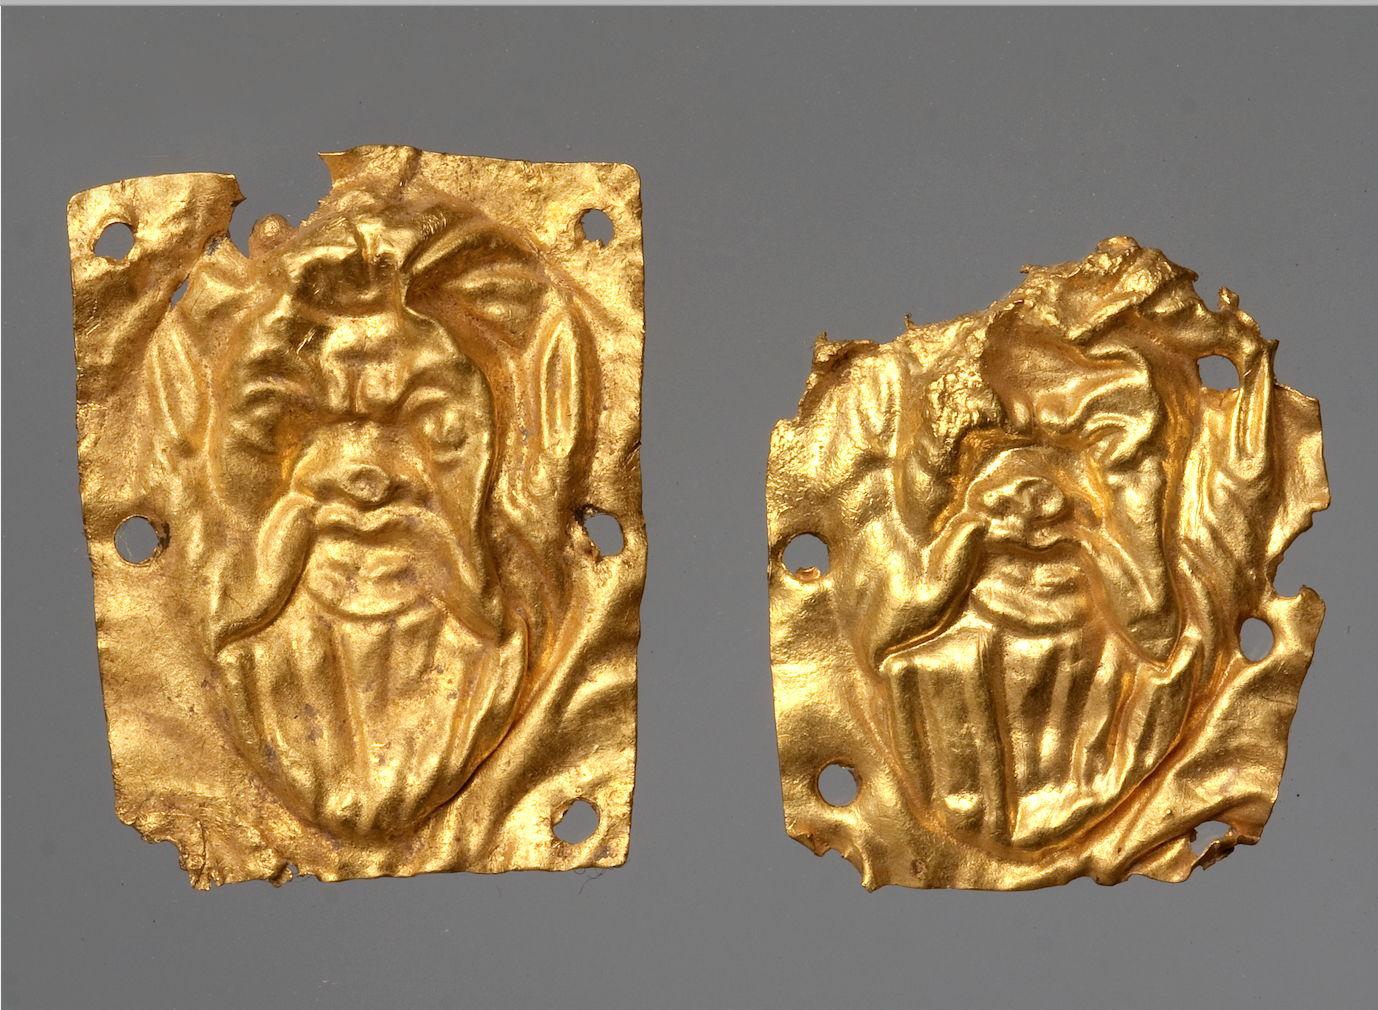 Нашивные золотые бляшки с изображением сатира из Херсонеса. ГИМ. Фото И.А. Седенькова.